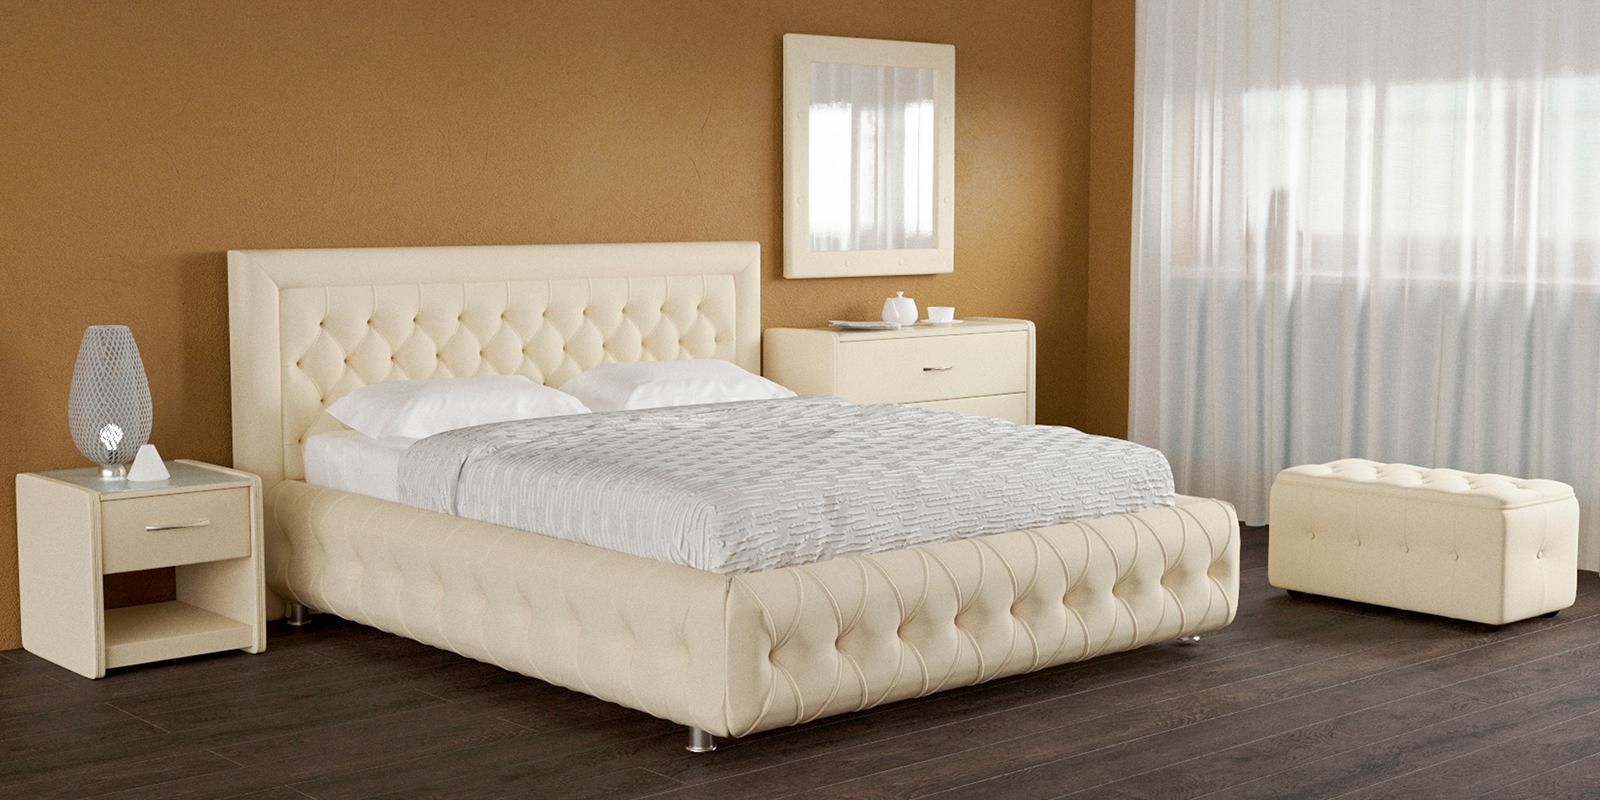 Мягкая кровать 200х160 Малибу вариант №7 с подъемным механизмом (Бежевый)